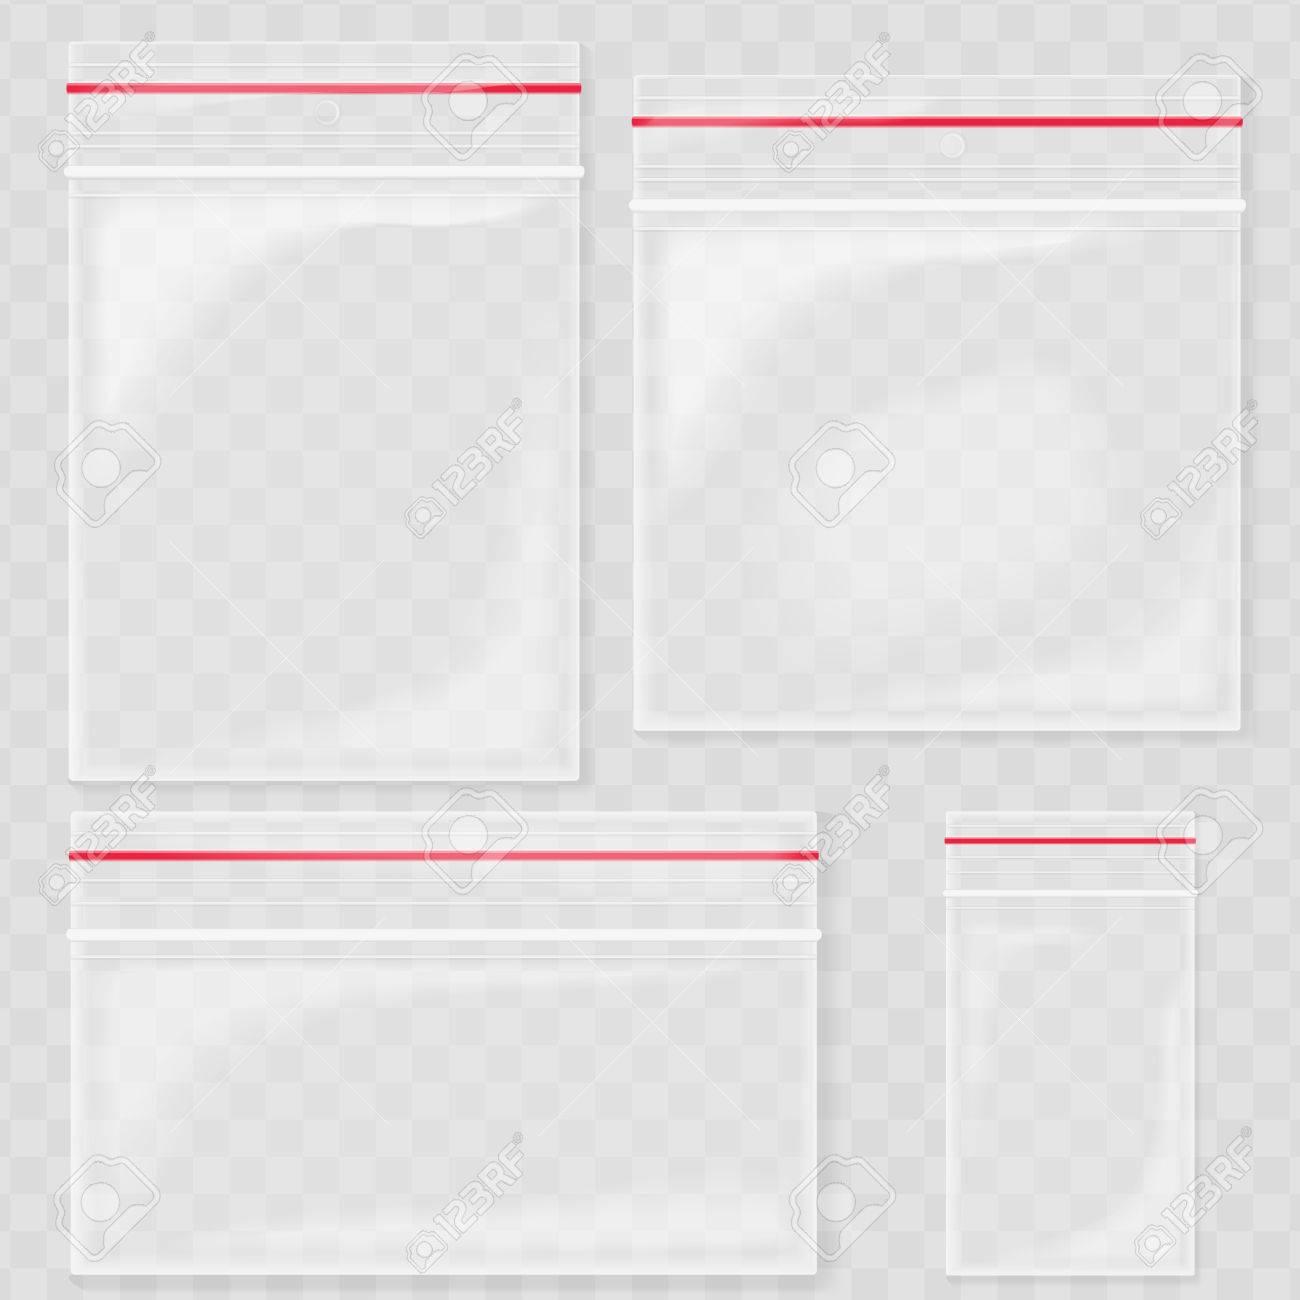 Leere Transparente Plastiktasche Taschen Blank Vakuum